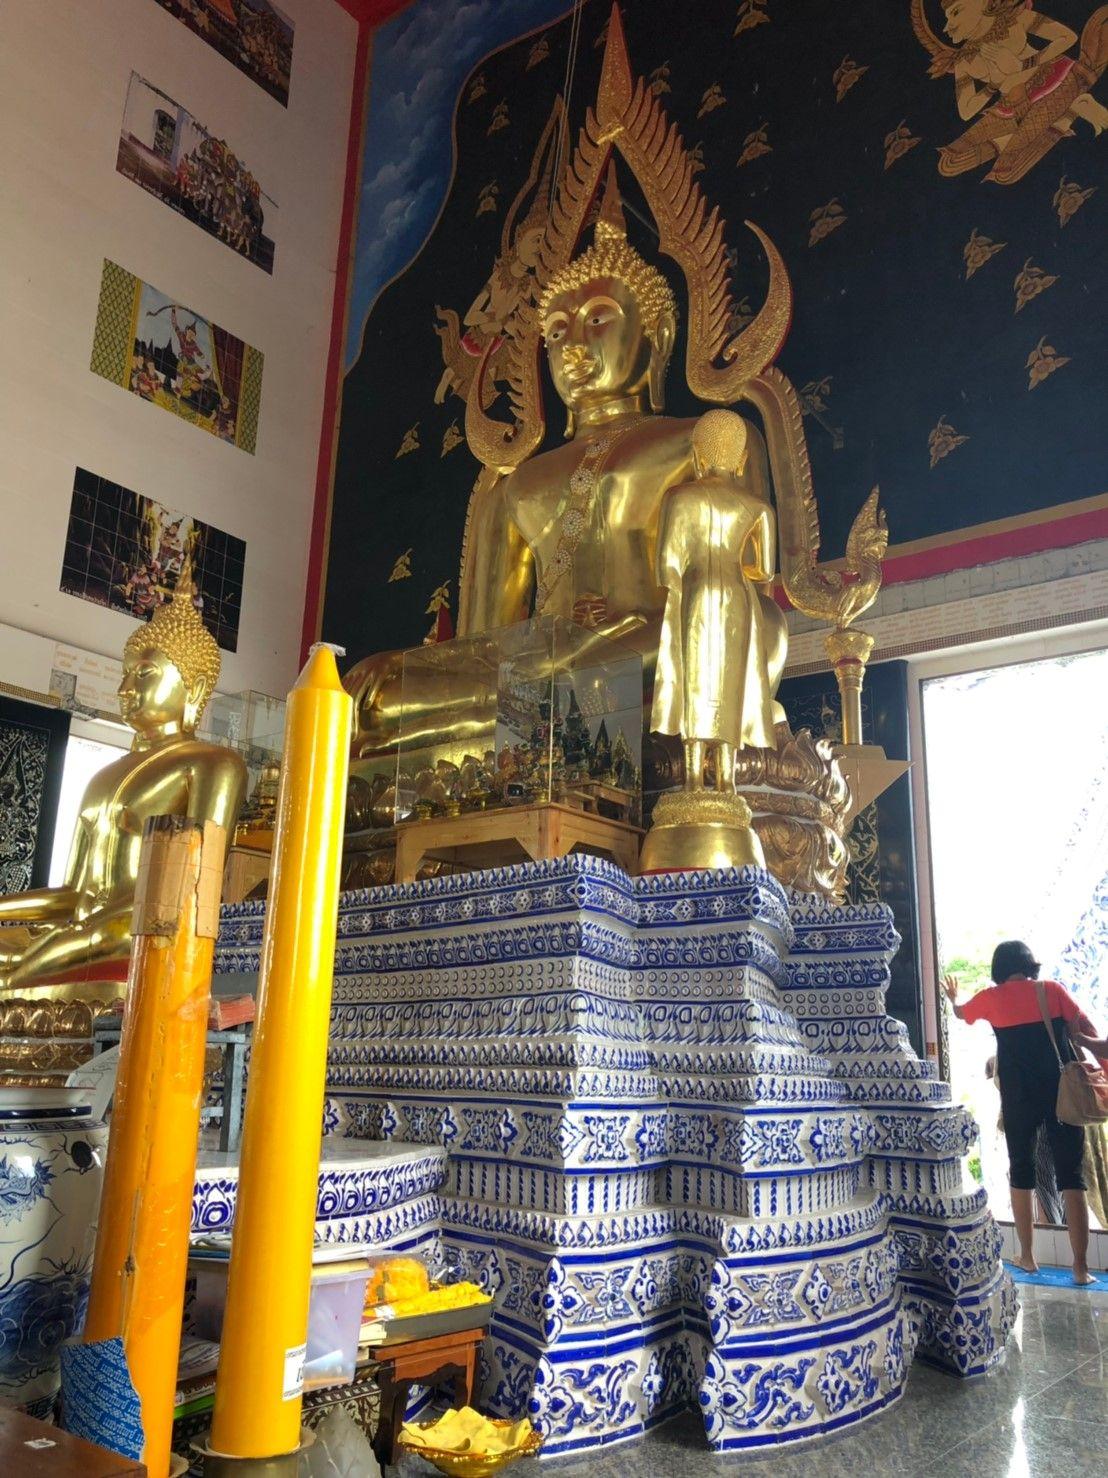 พระประธานในพระอุโบสถ พระพุทธชินราช (จำลอง)